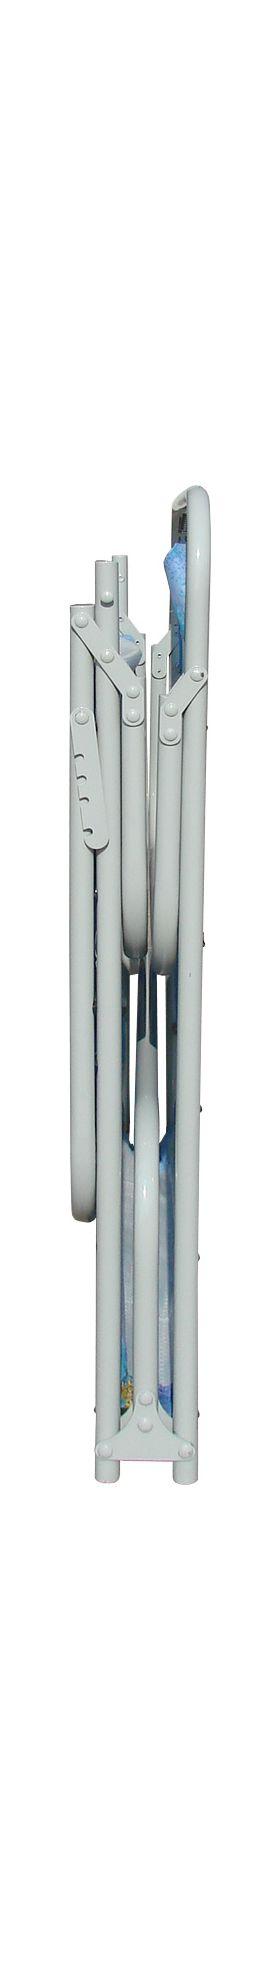 Раскладушка Romanov Яр ЭК-01 жесткая 192х65х24 в Симферополе